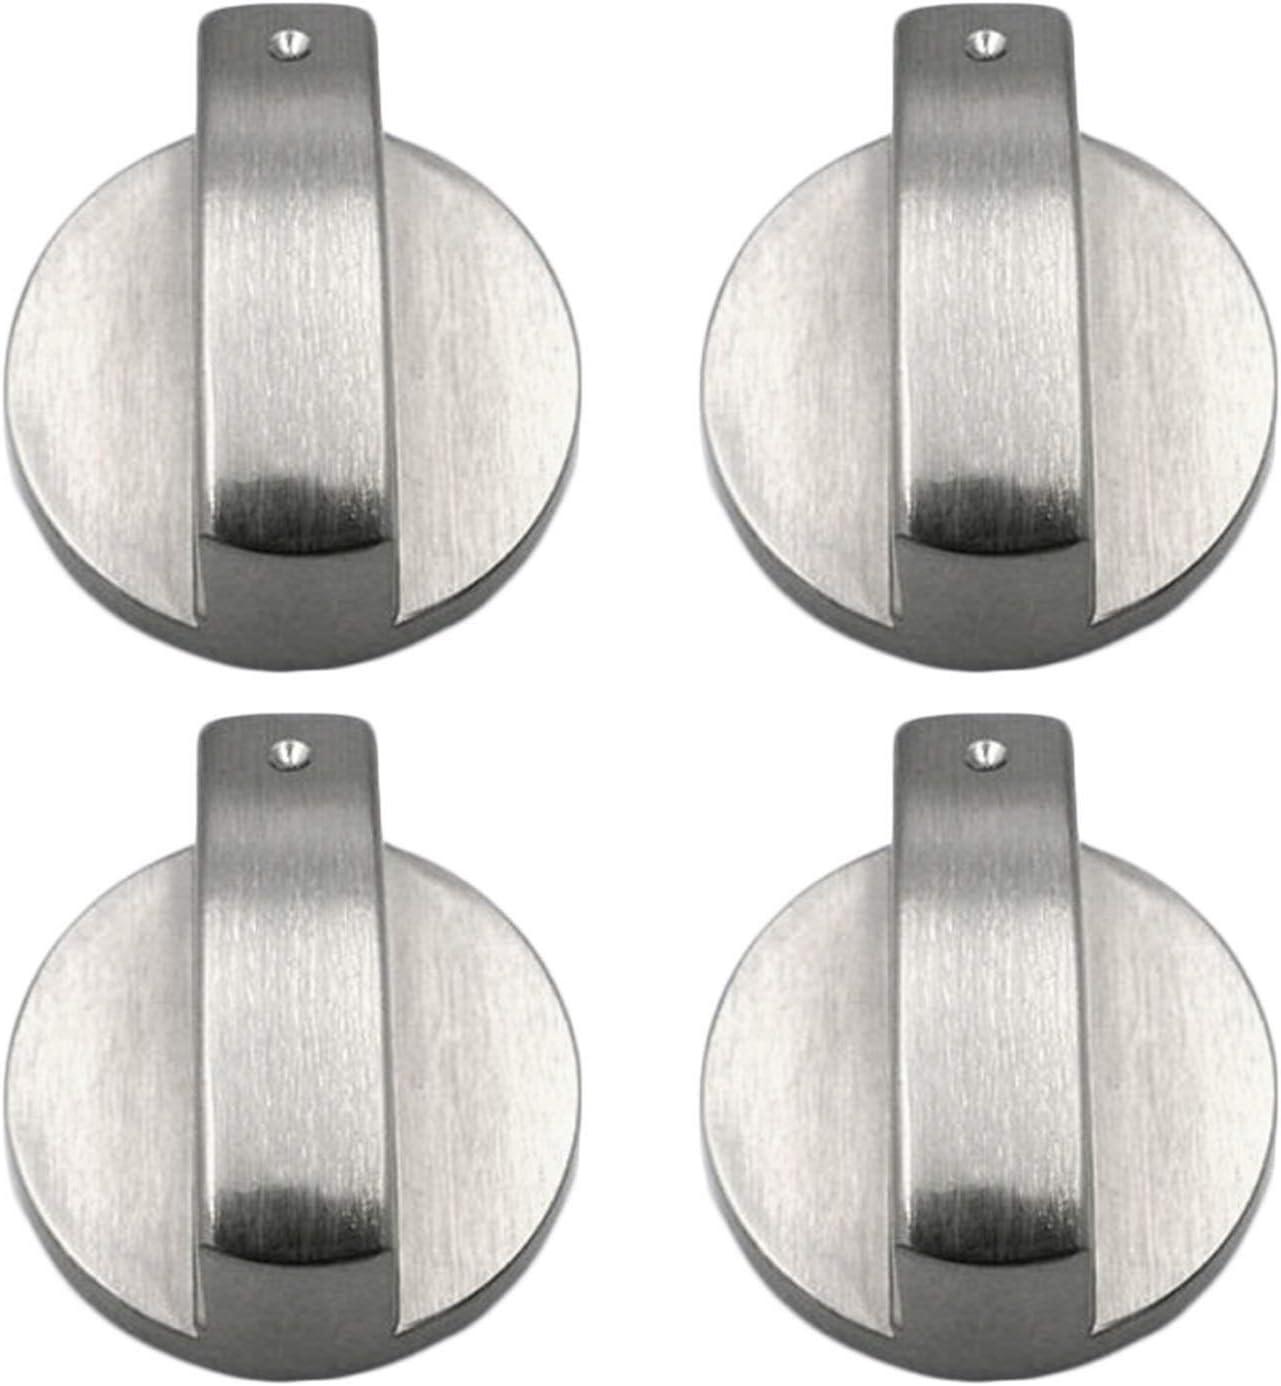 xutong - Juego de 4 perillas de Metal para Estufa de Gas, 6 mm, Color Plateado